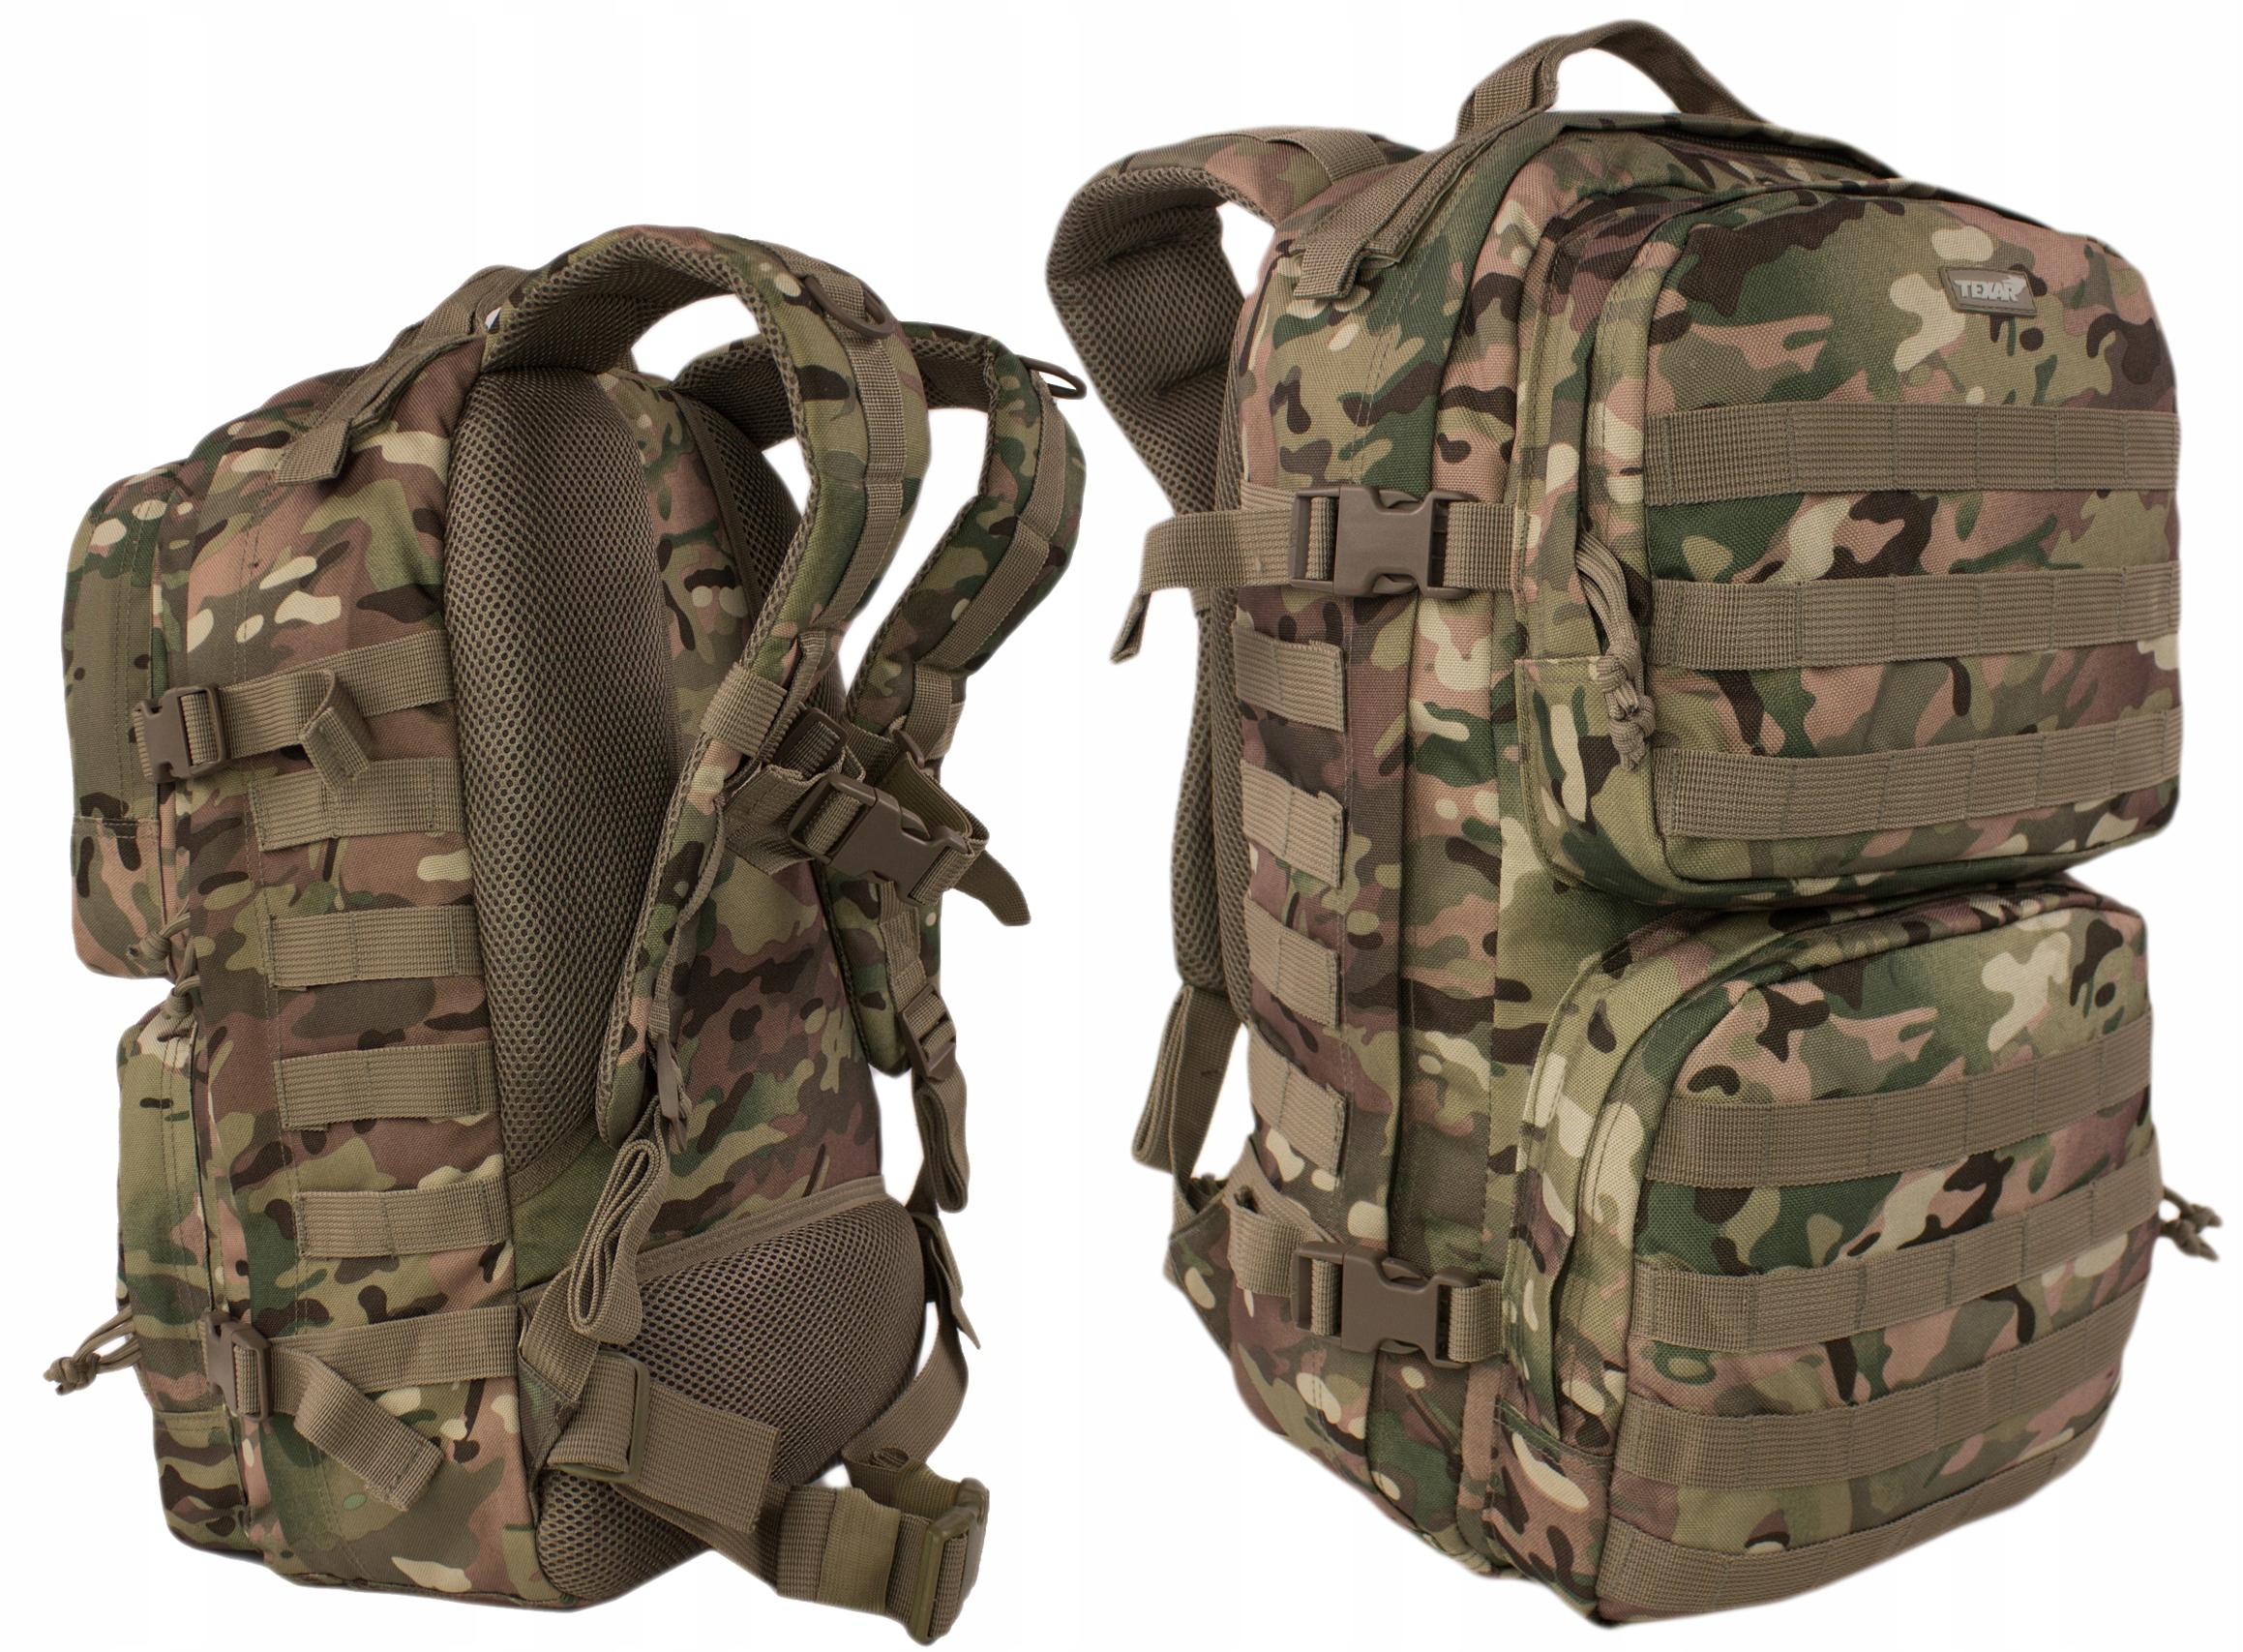 Wojskowy Plecak Turystyczny Texar SCOUT Camo Grom